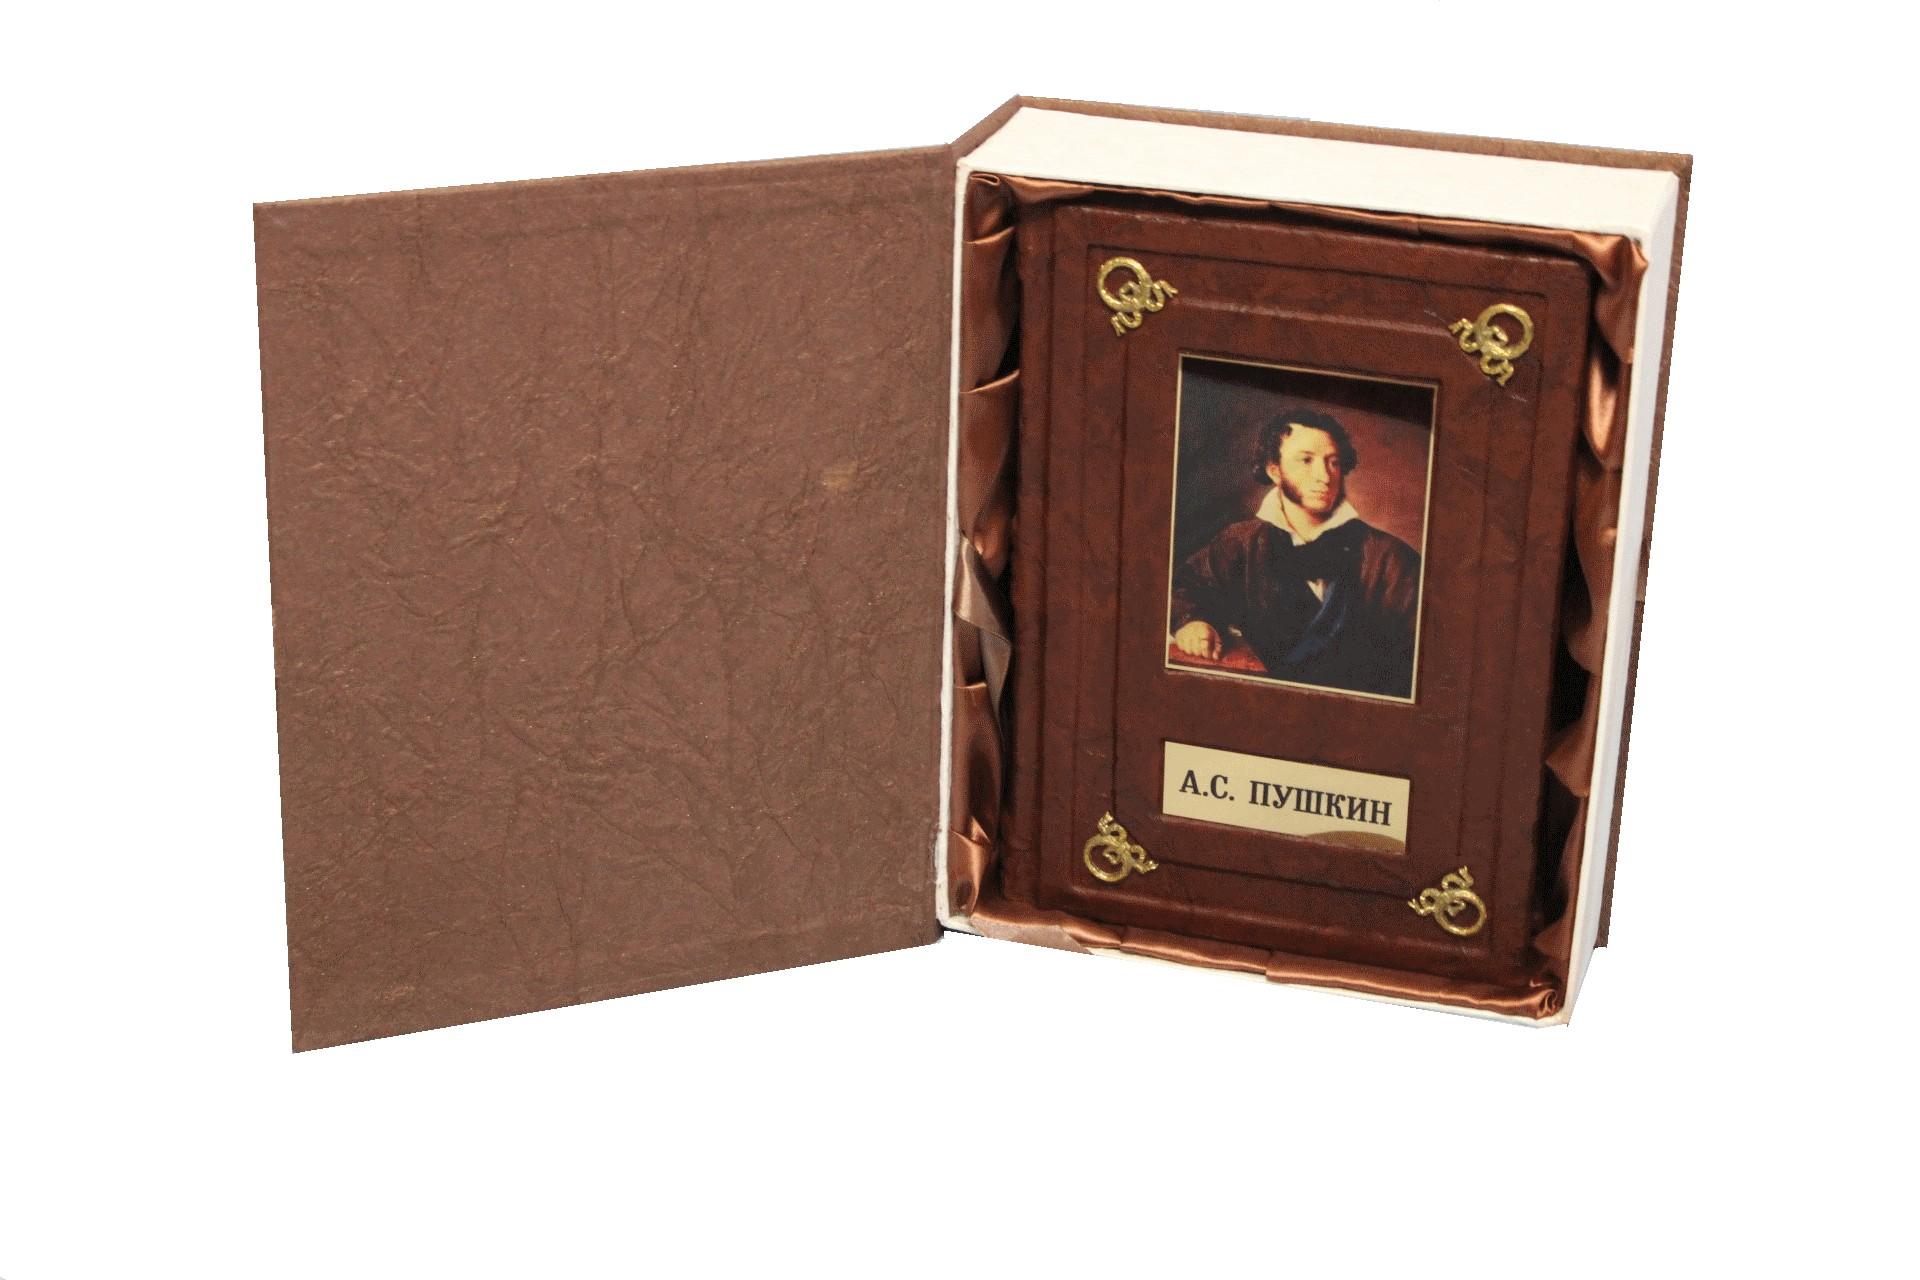 Книга в подарочном футляре «Пушкин»